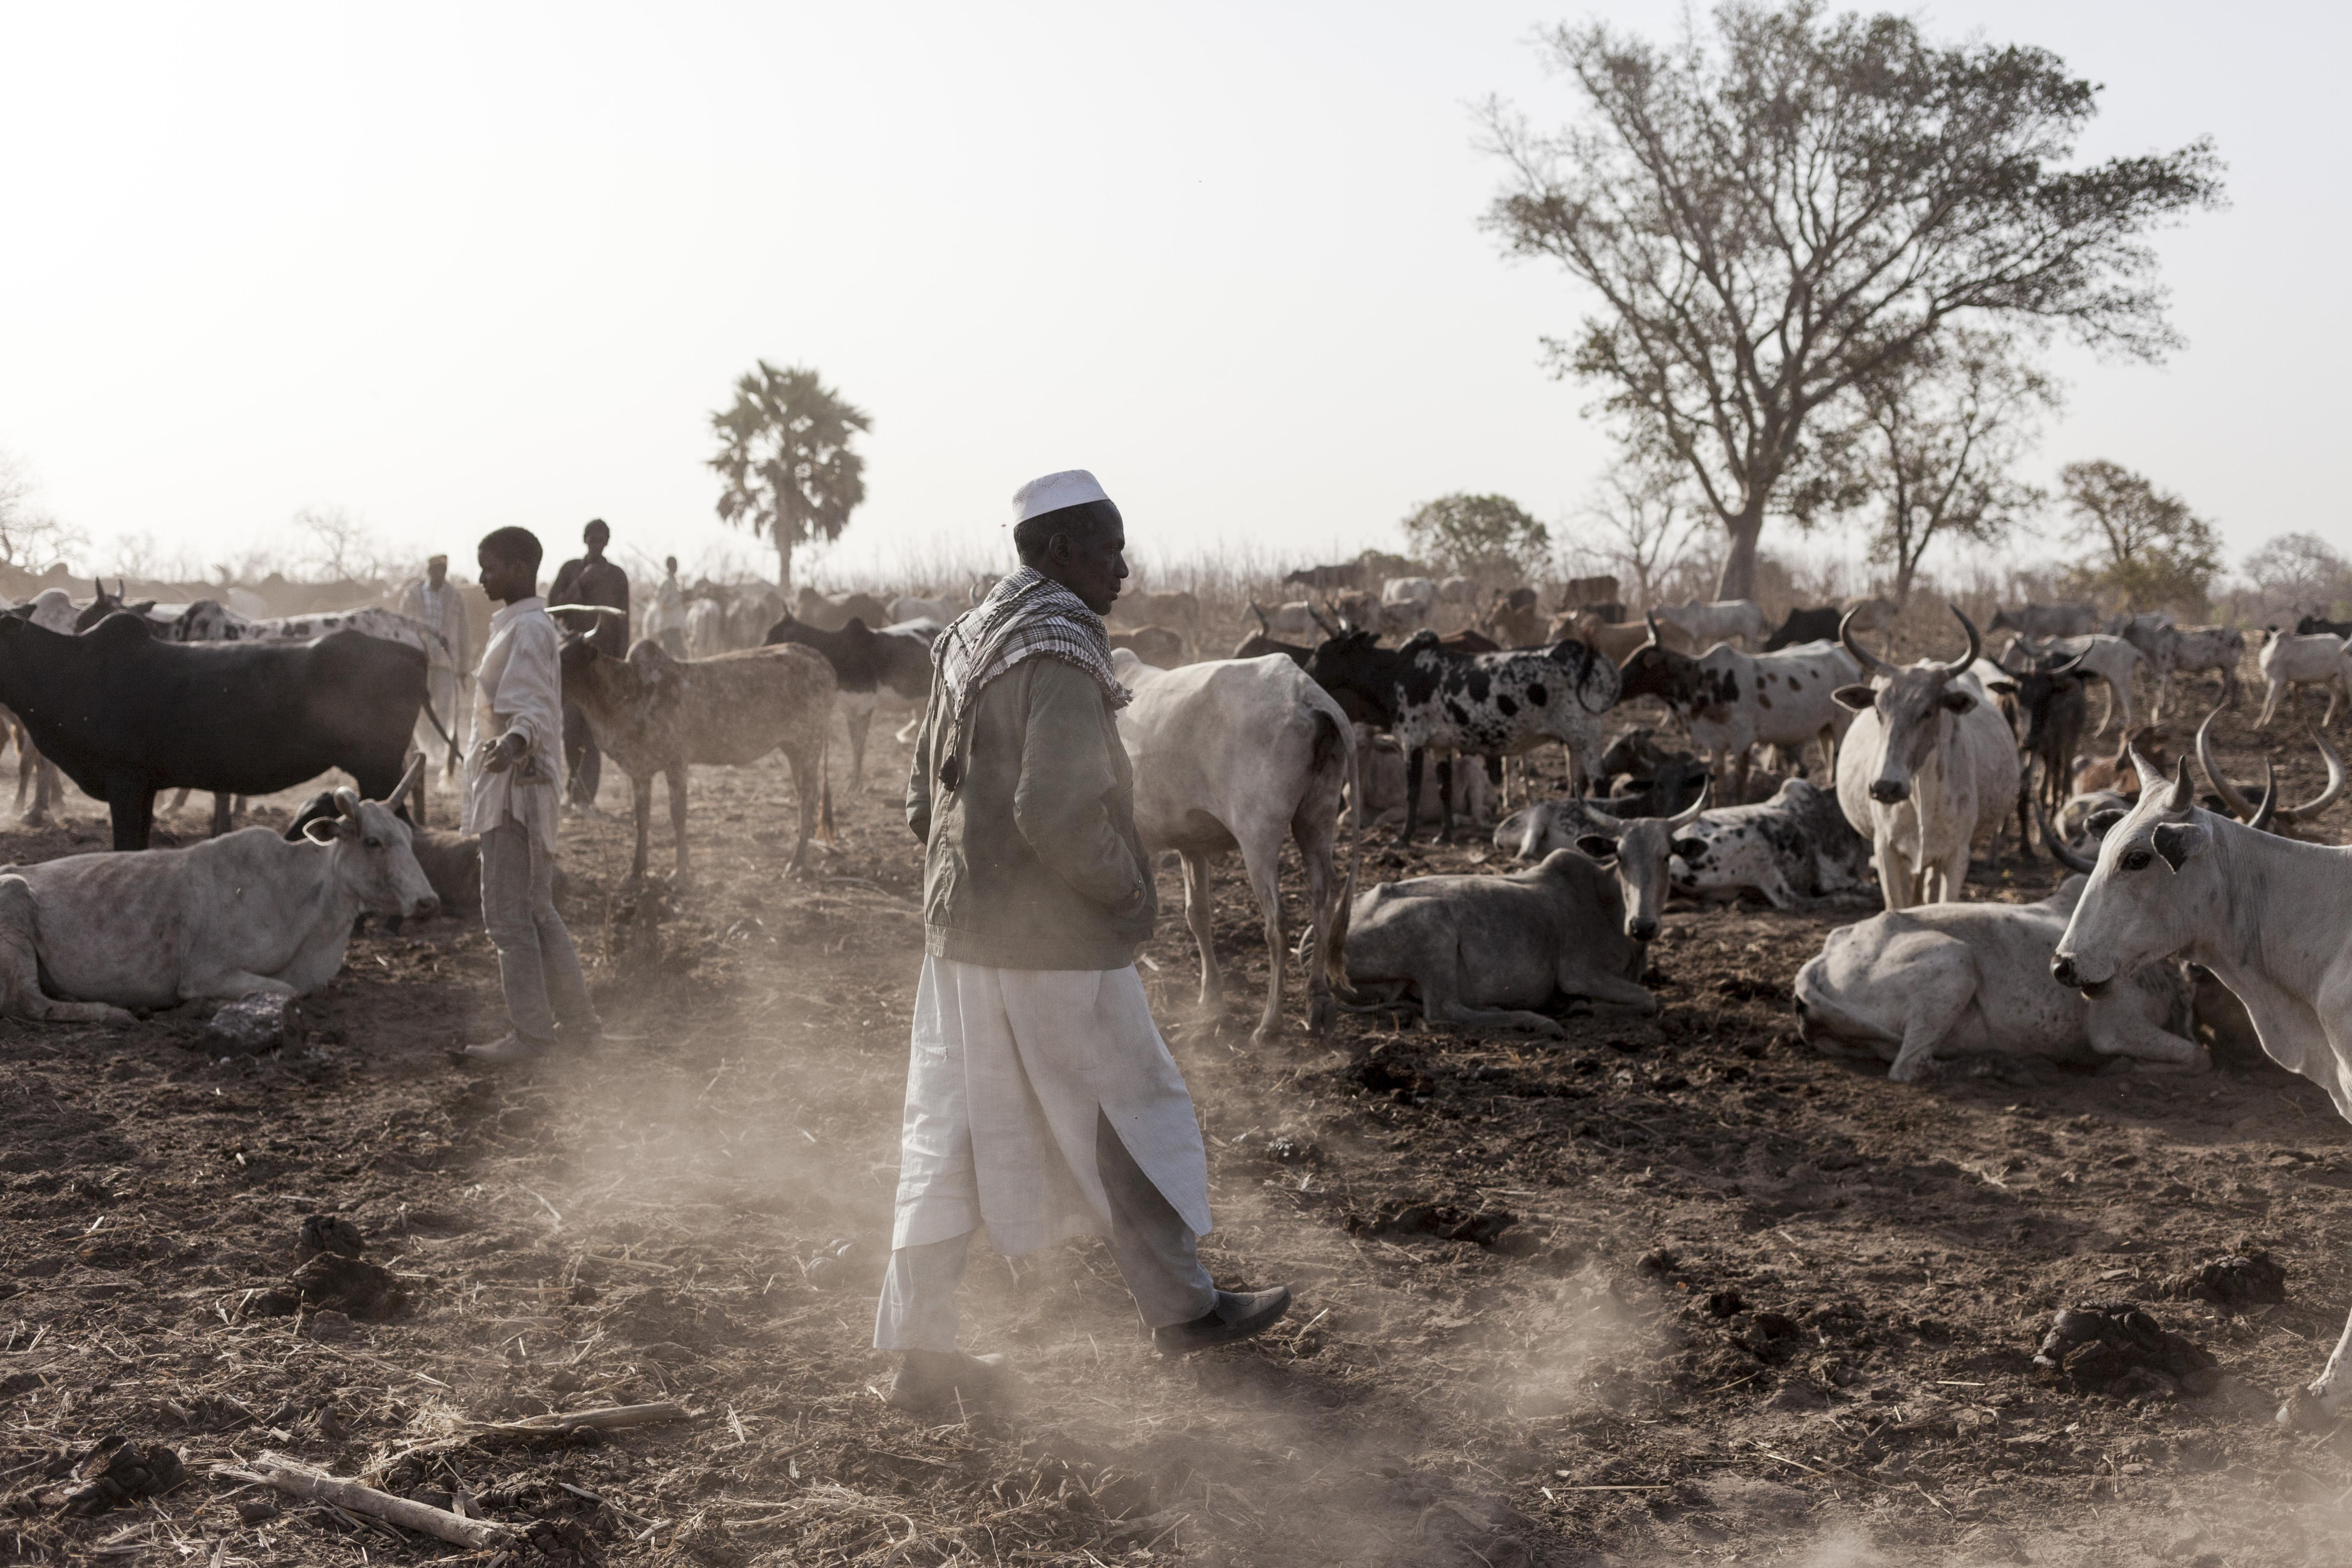 Cattle camp in Togo